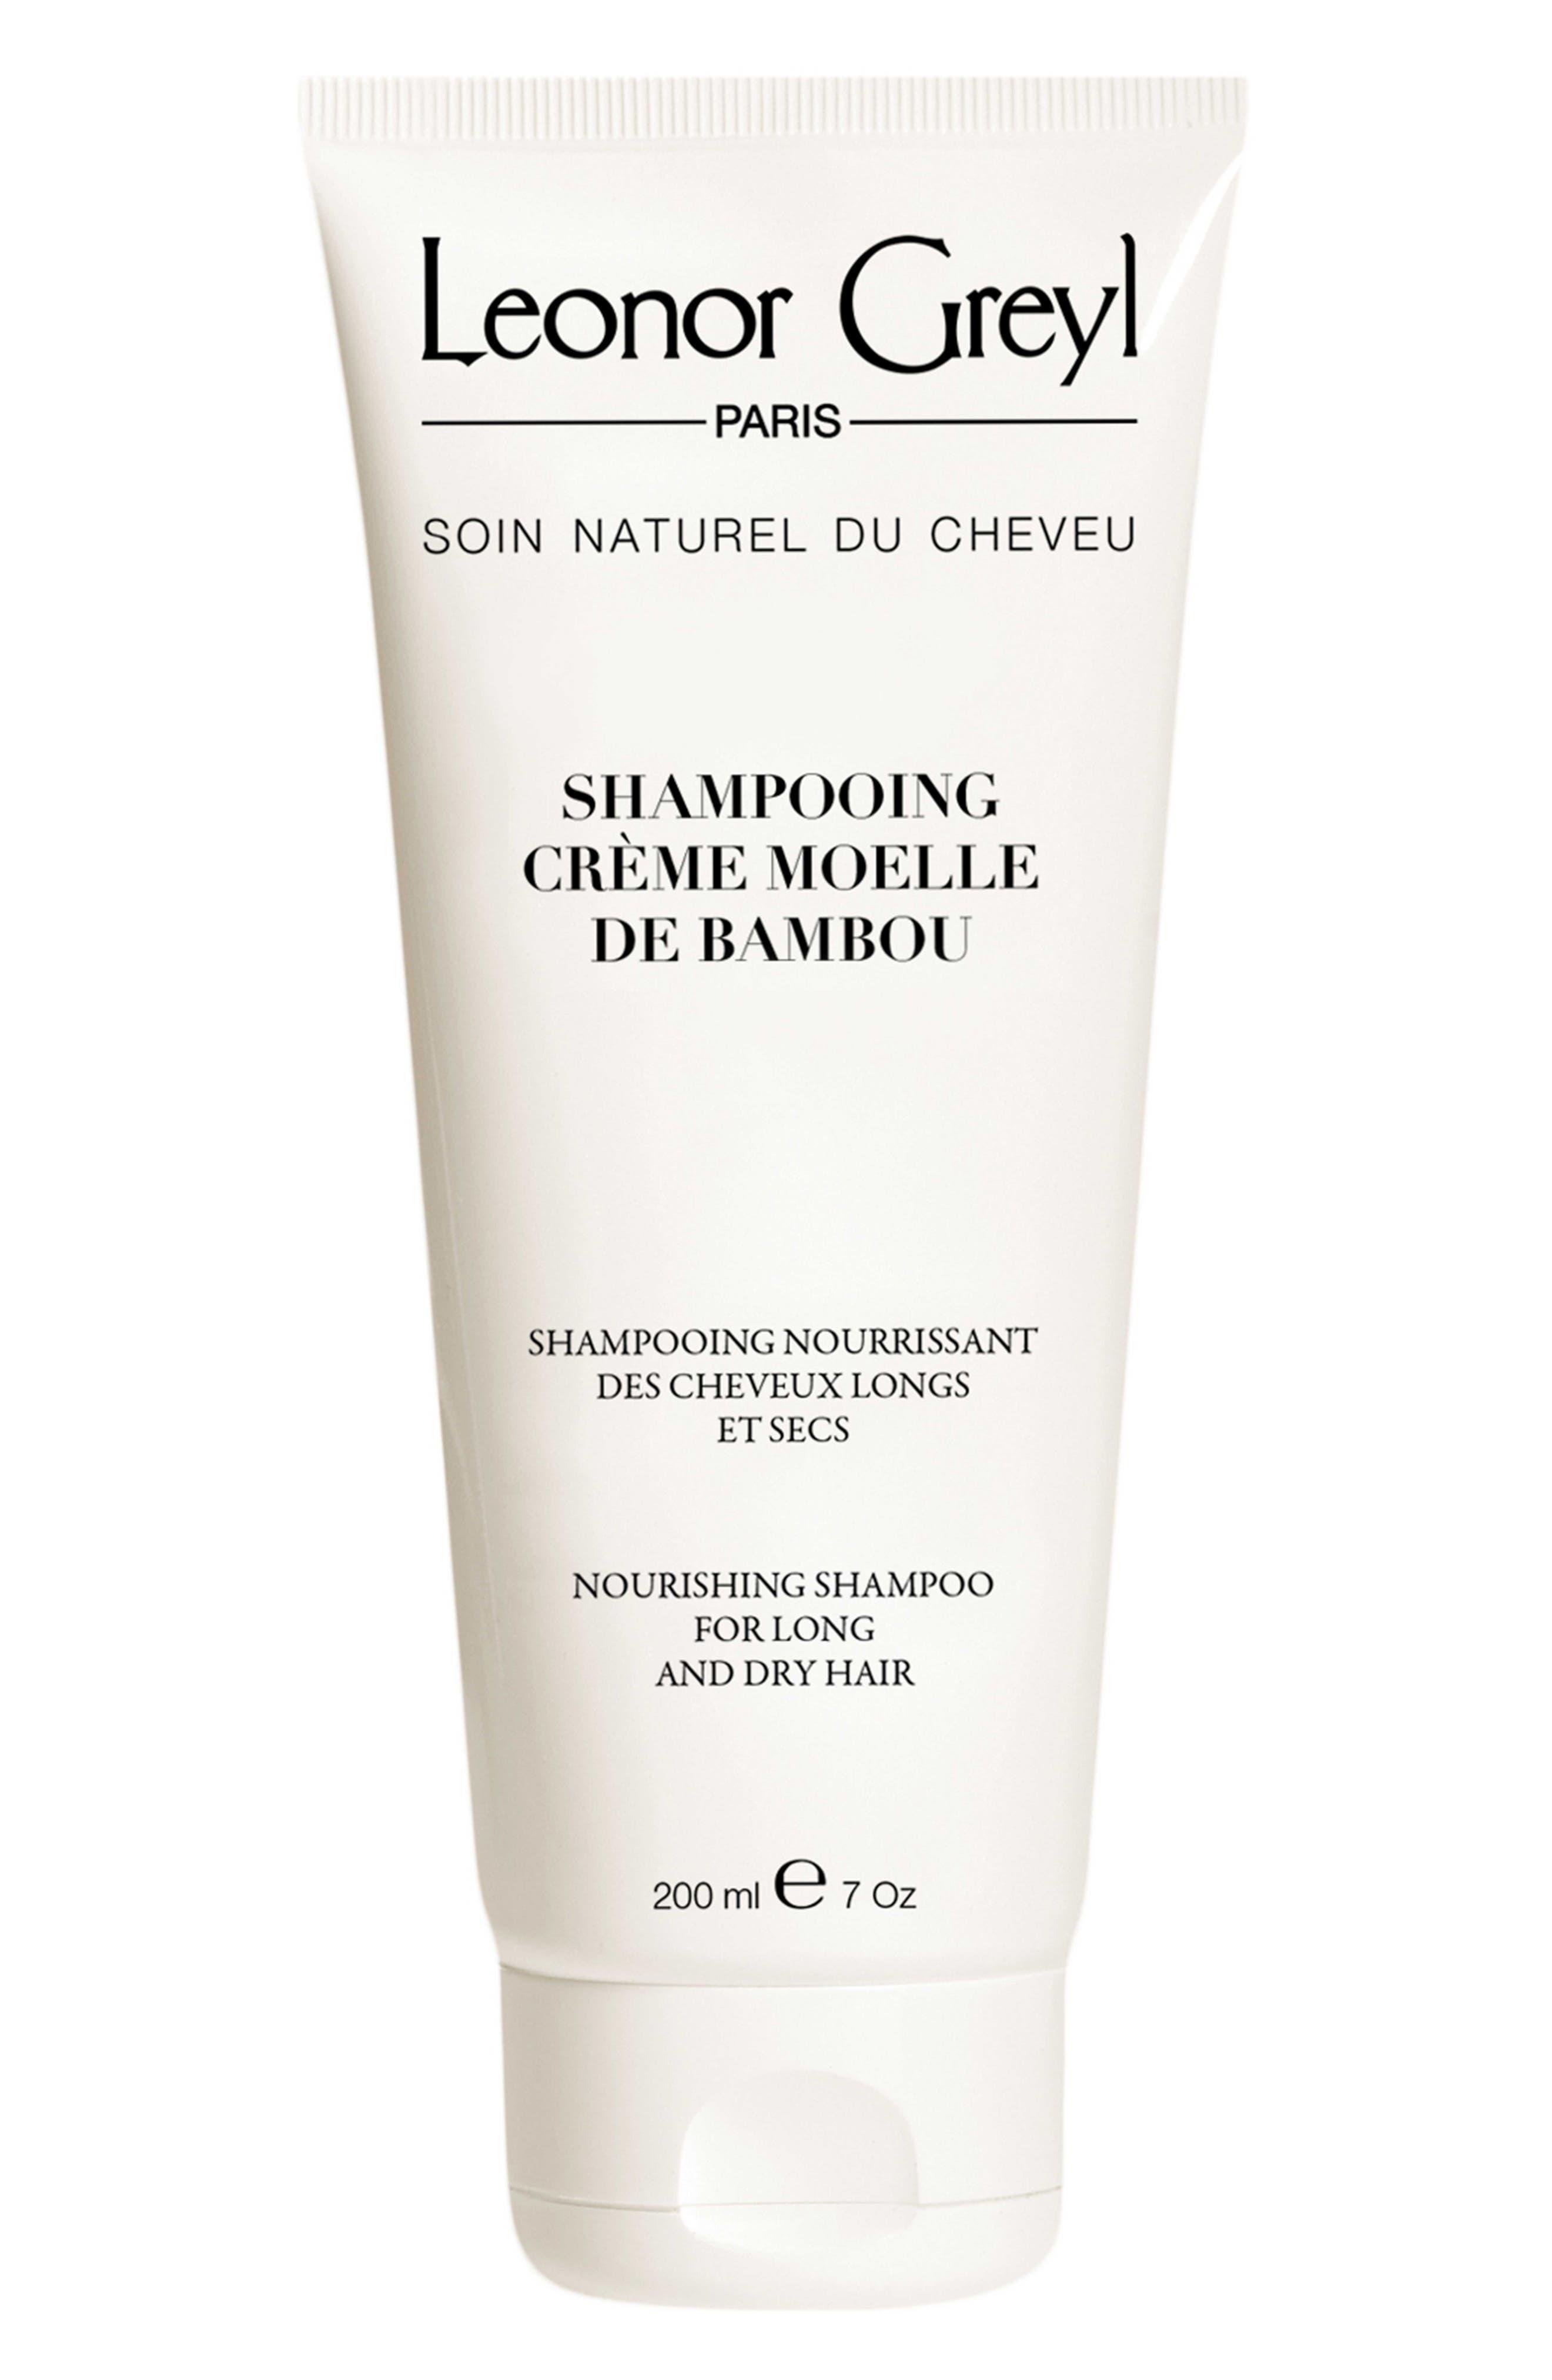 Leonor Greyl PARIS 'Crème Moelle de Bambou' Nourishing Shampoo